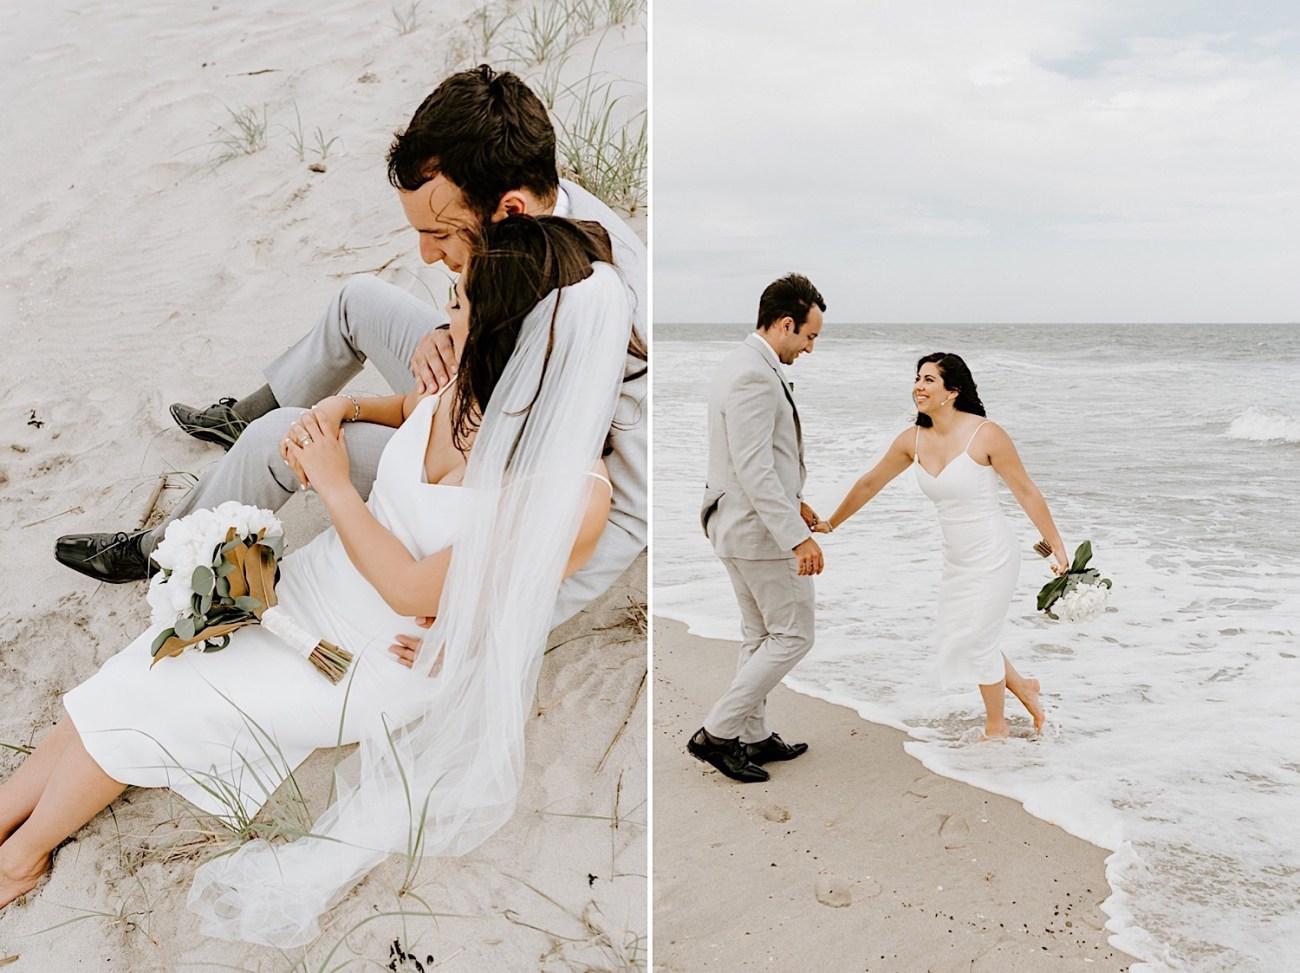 023 Sea Bright Wedding Beach Wedding Photos New Jersey Shore Wedding Nj Wedding Photographer Beach Elopement Photos